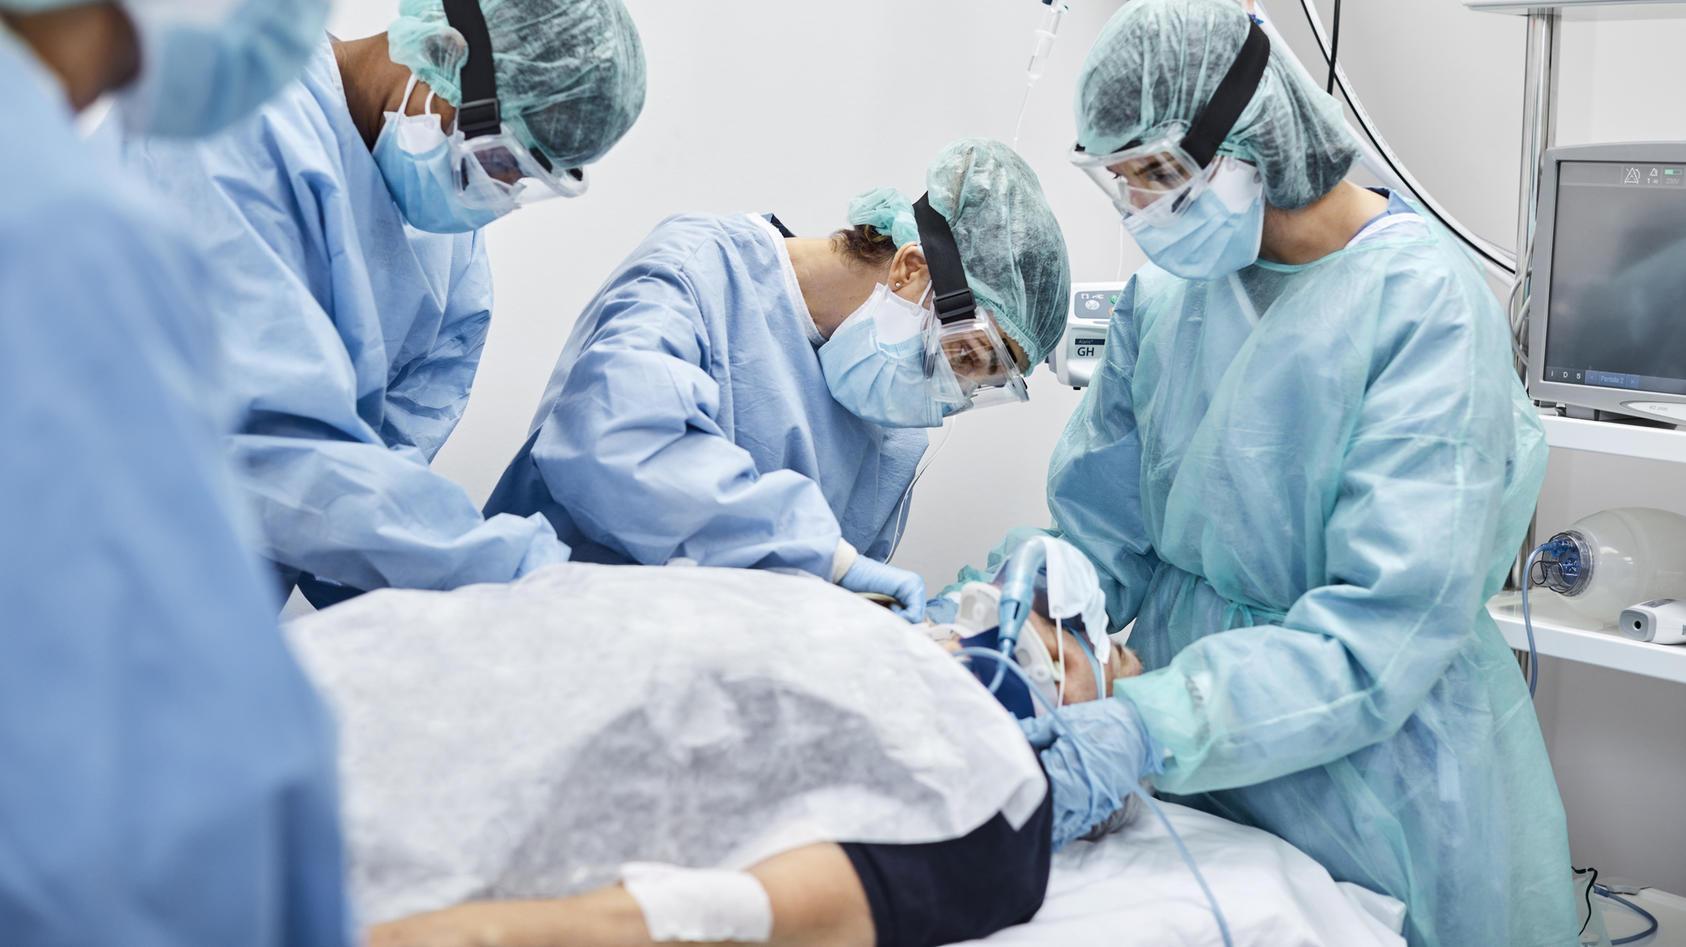 Laut SPD-Gesundheitsexperte Karl Lauterbach liegen auf den Corona-Intensivstationen immer mehr Jüngere.